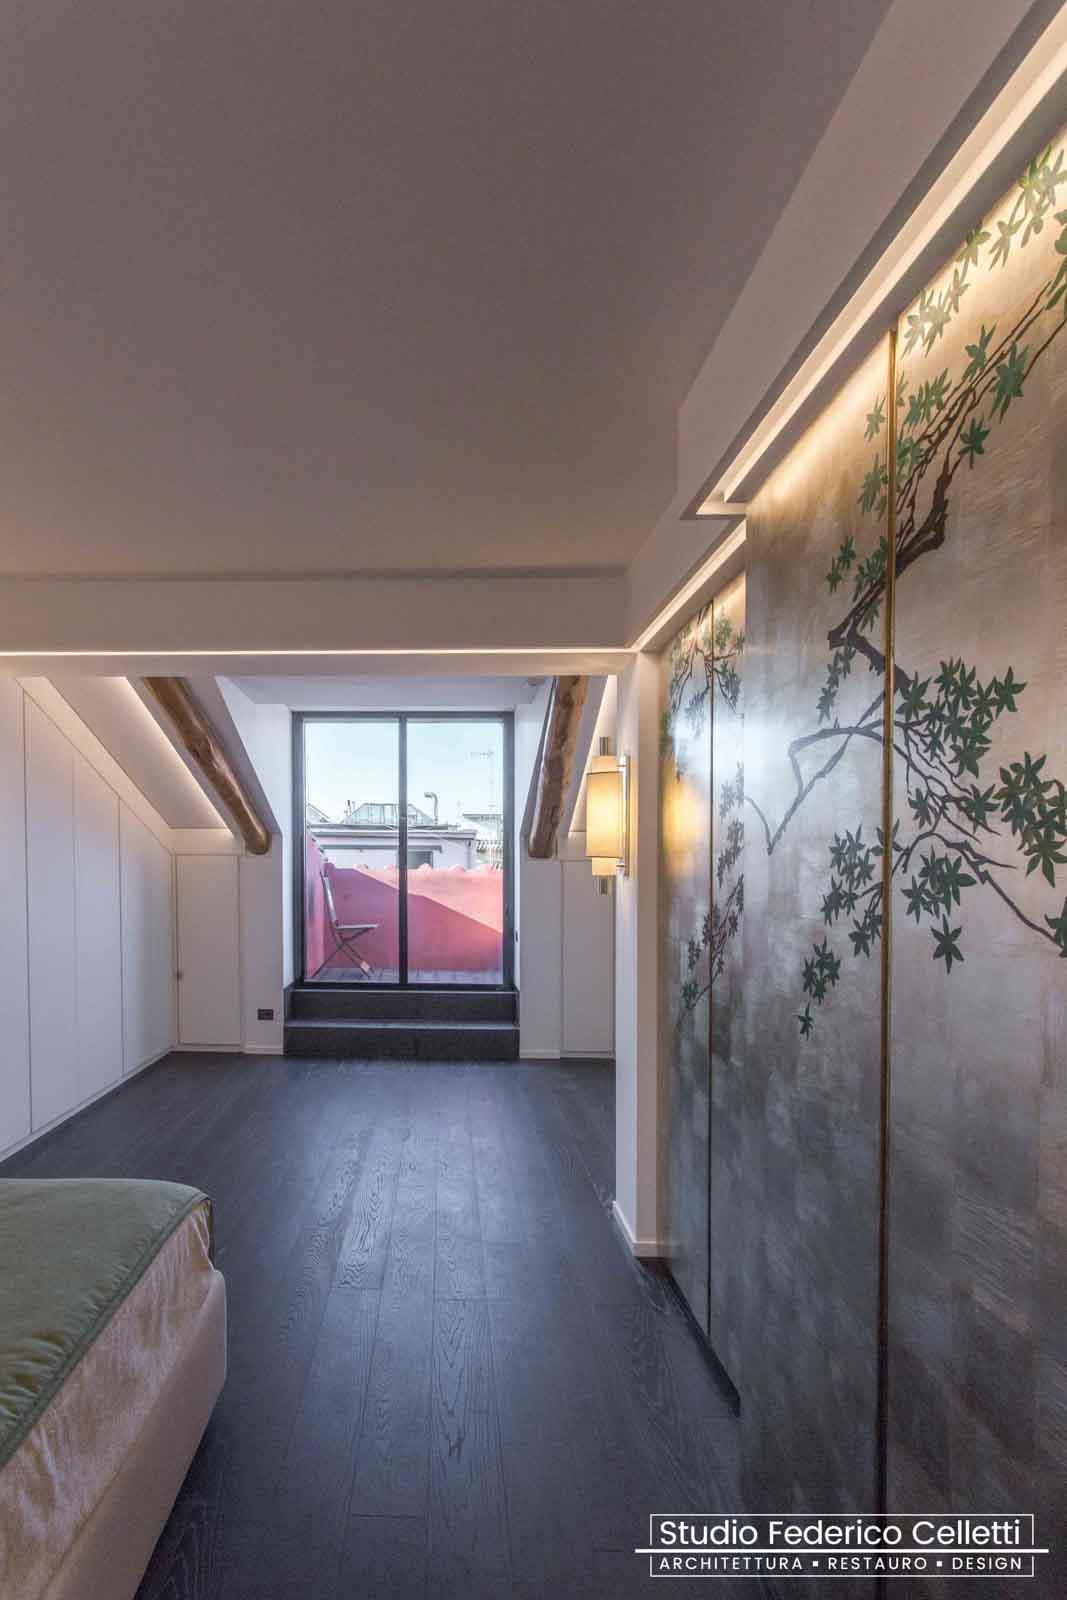 Camera Padronale Attico A+C Dopo dei lavori di Restauro e Interior Design 02